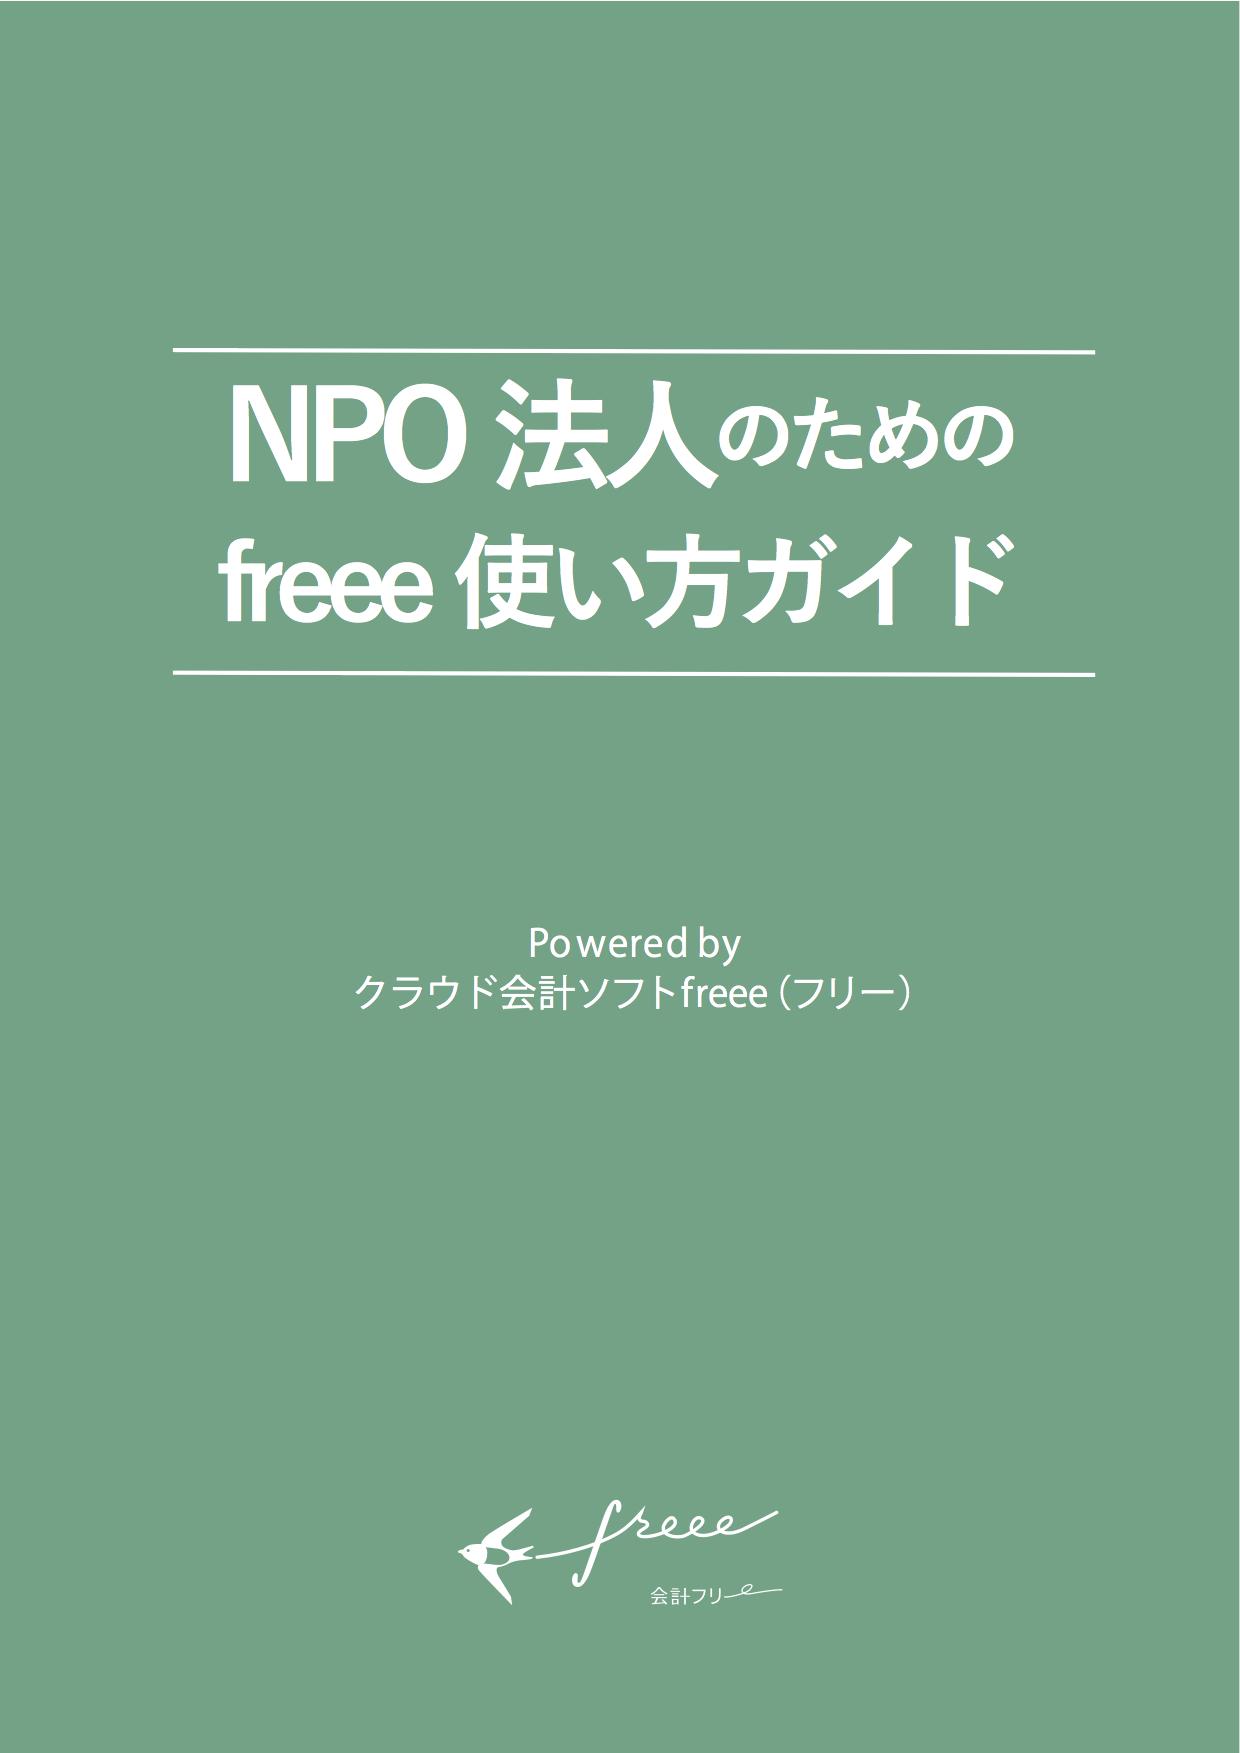 NPO法人用freeeの使い方ガイド